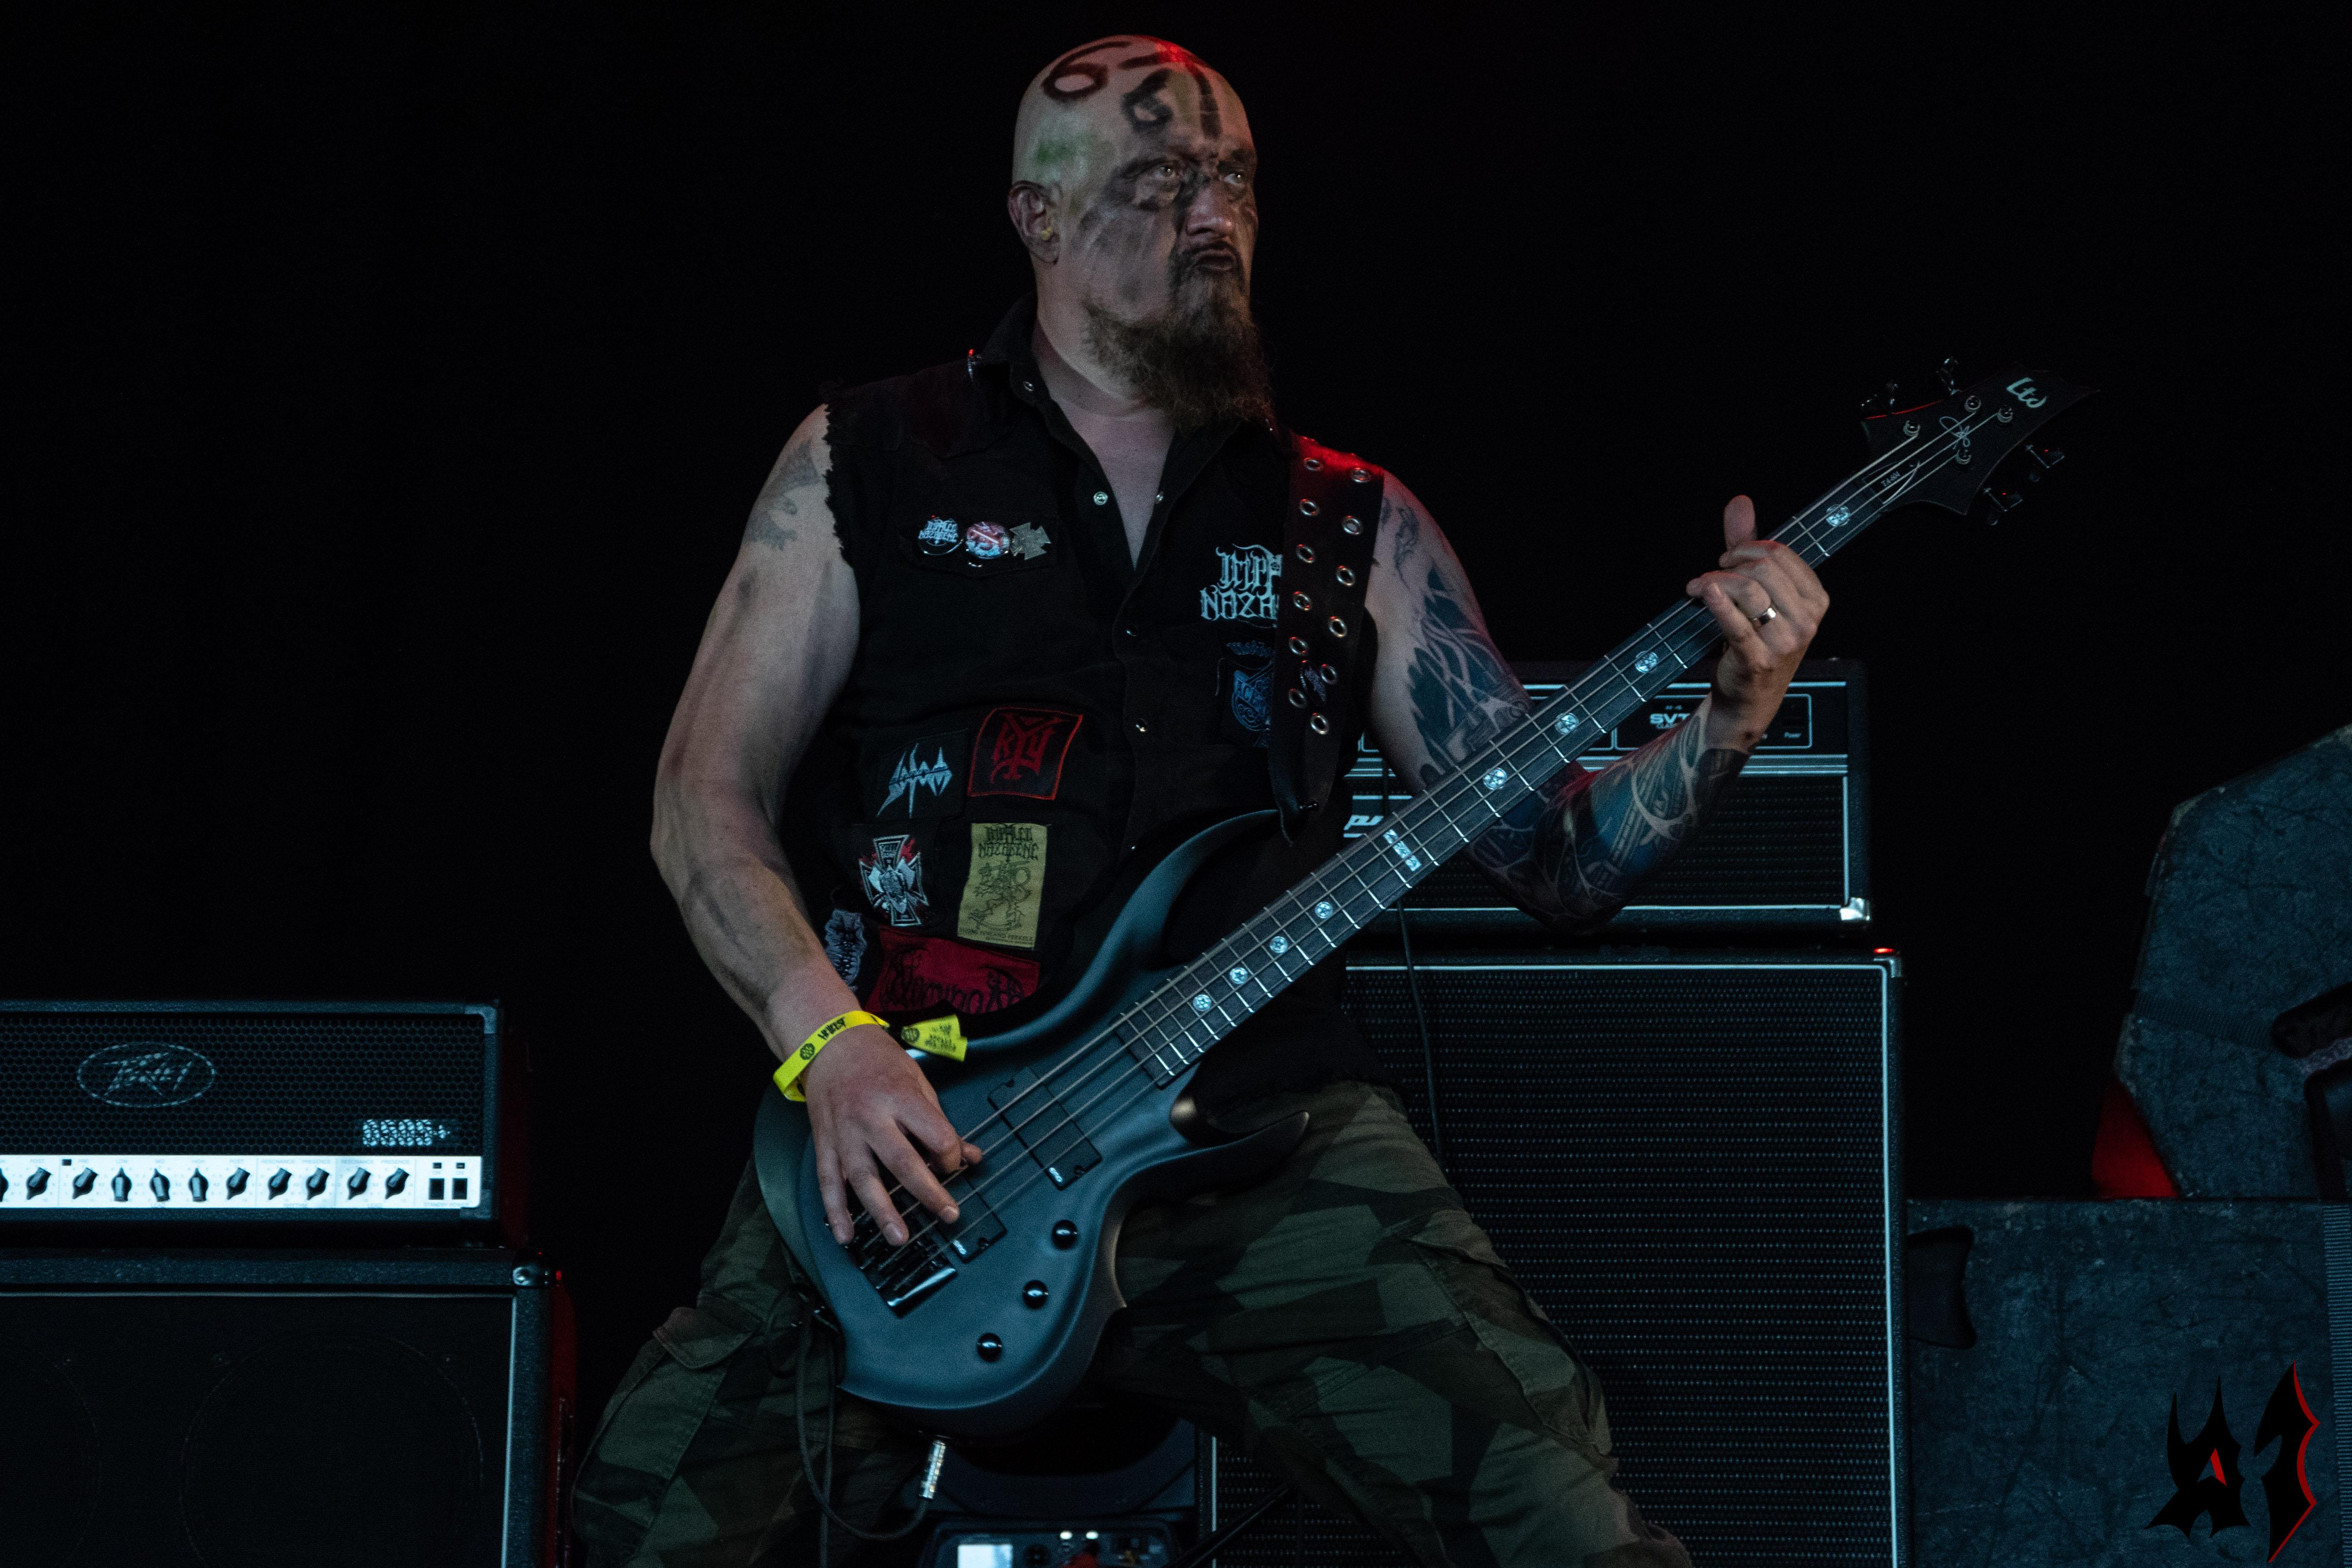 Hellfest - Impaled Nazarene - 17